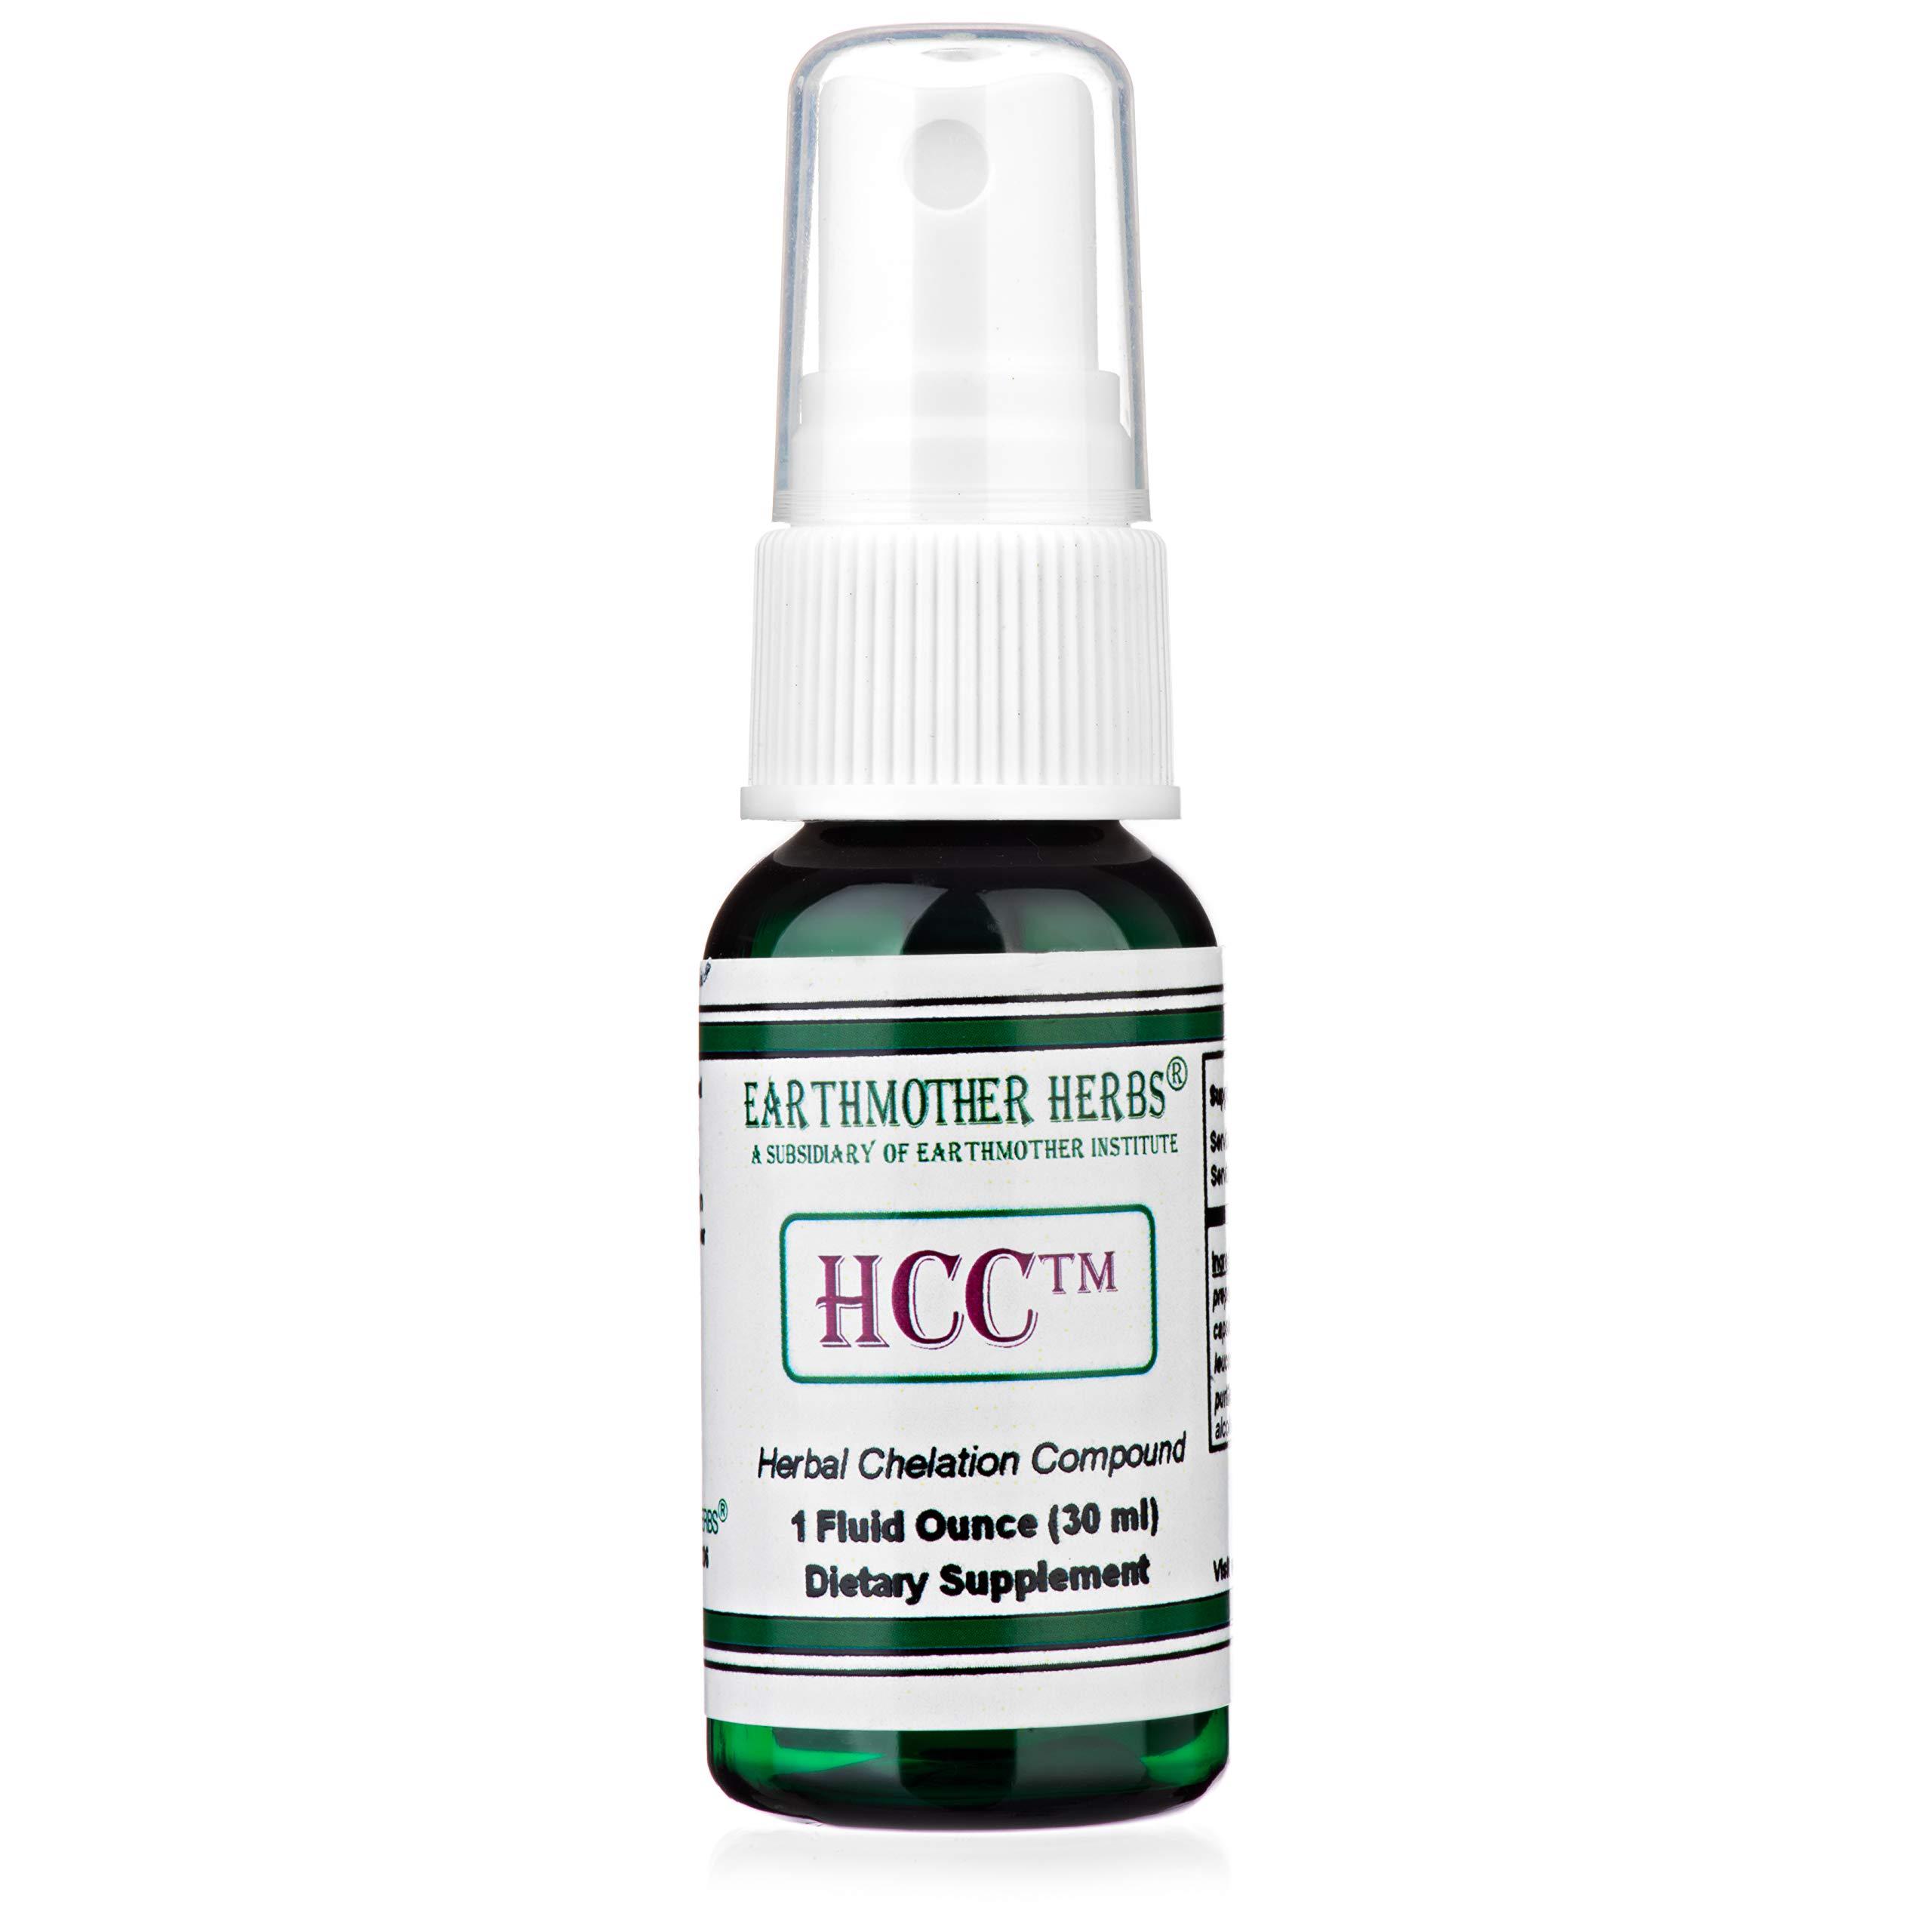 Earthmother Herbs HCC